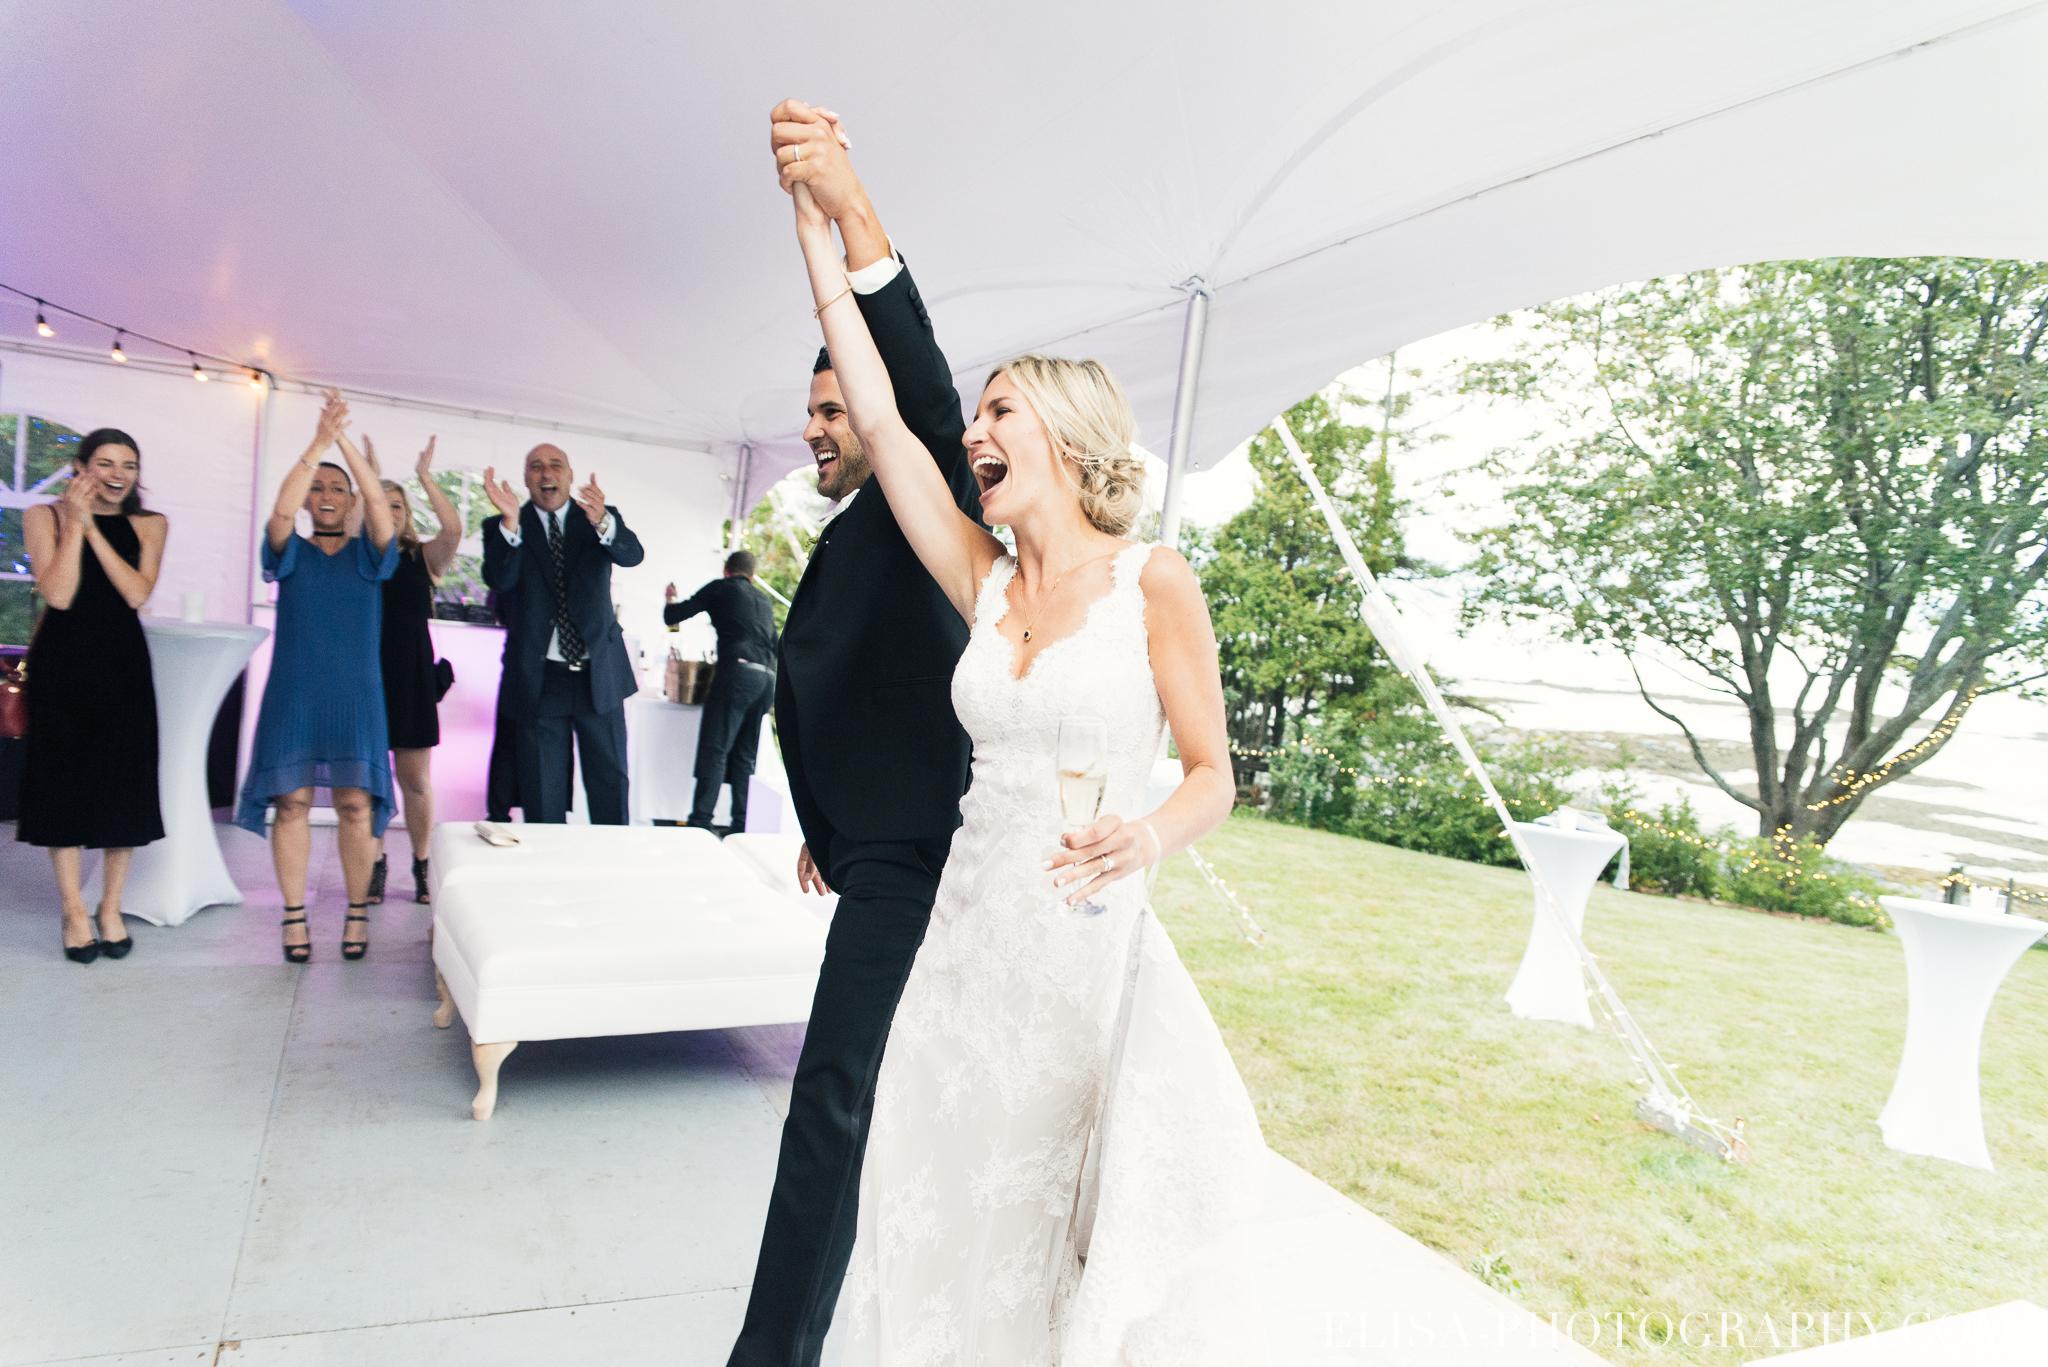 photo mariage entree des maries chapiteau chic ville de quebec domaine prive estate bord de l eau 7454 1 - Mariage sur un domaine privé au bord de l'eau: Emmanuelle & Marc-Antoine